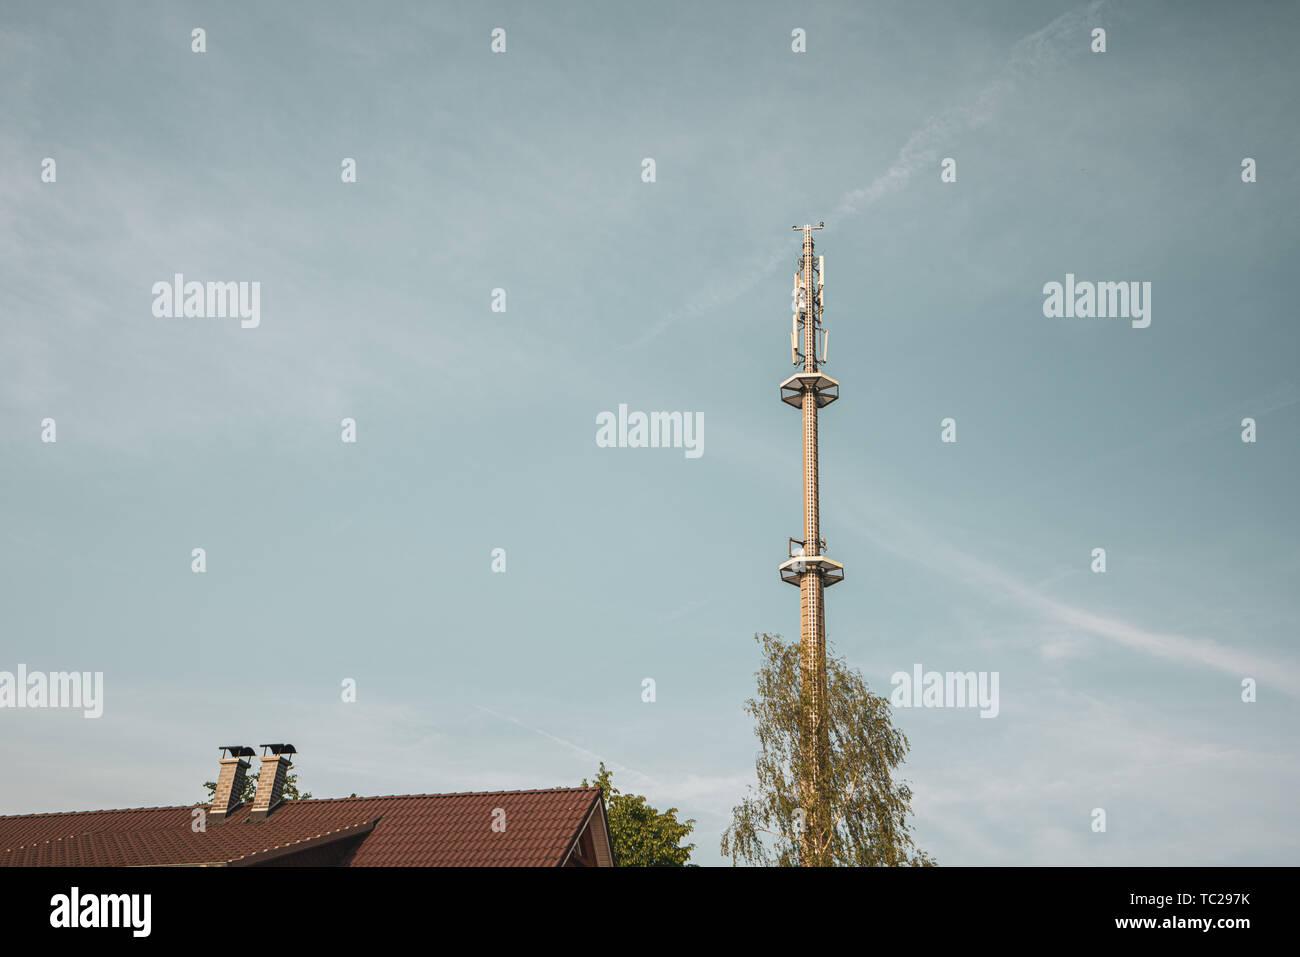 Ein radio Mast für das Mobilfunknetz überragt ein Wohngebäude in den blauen Himmel in einem Wohngebiet. Stockfoto